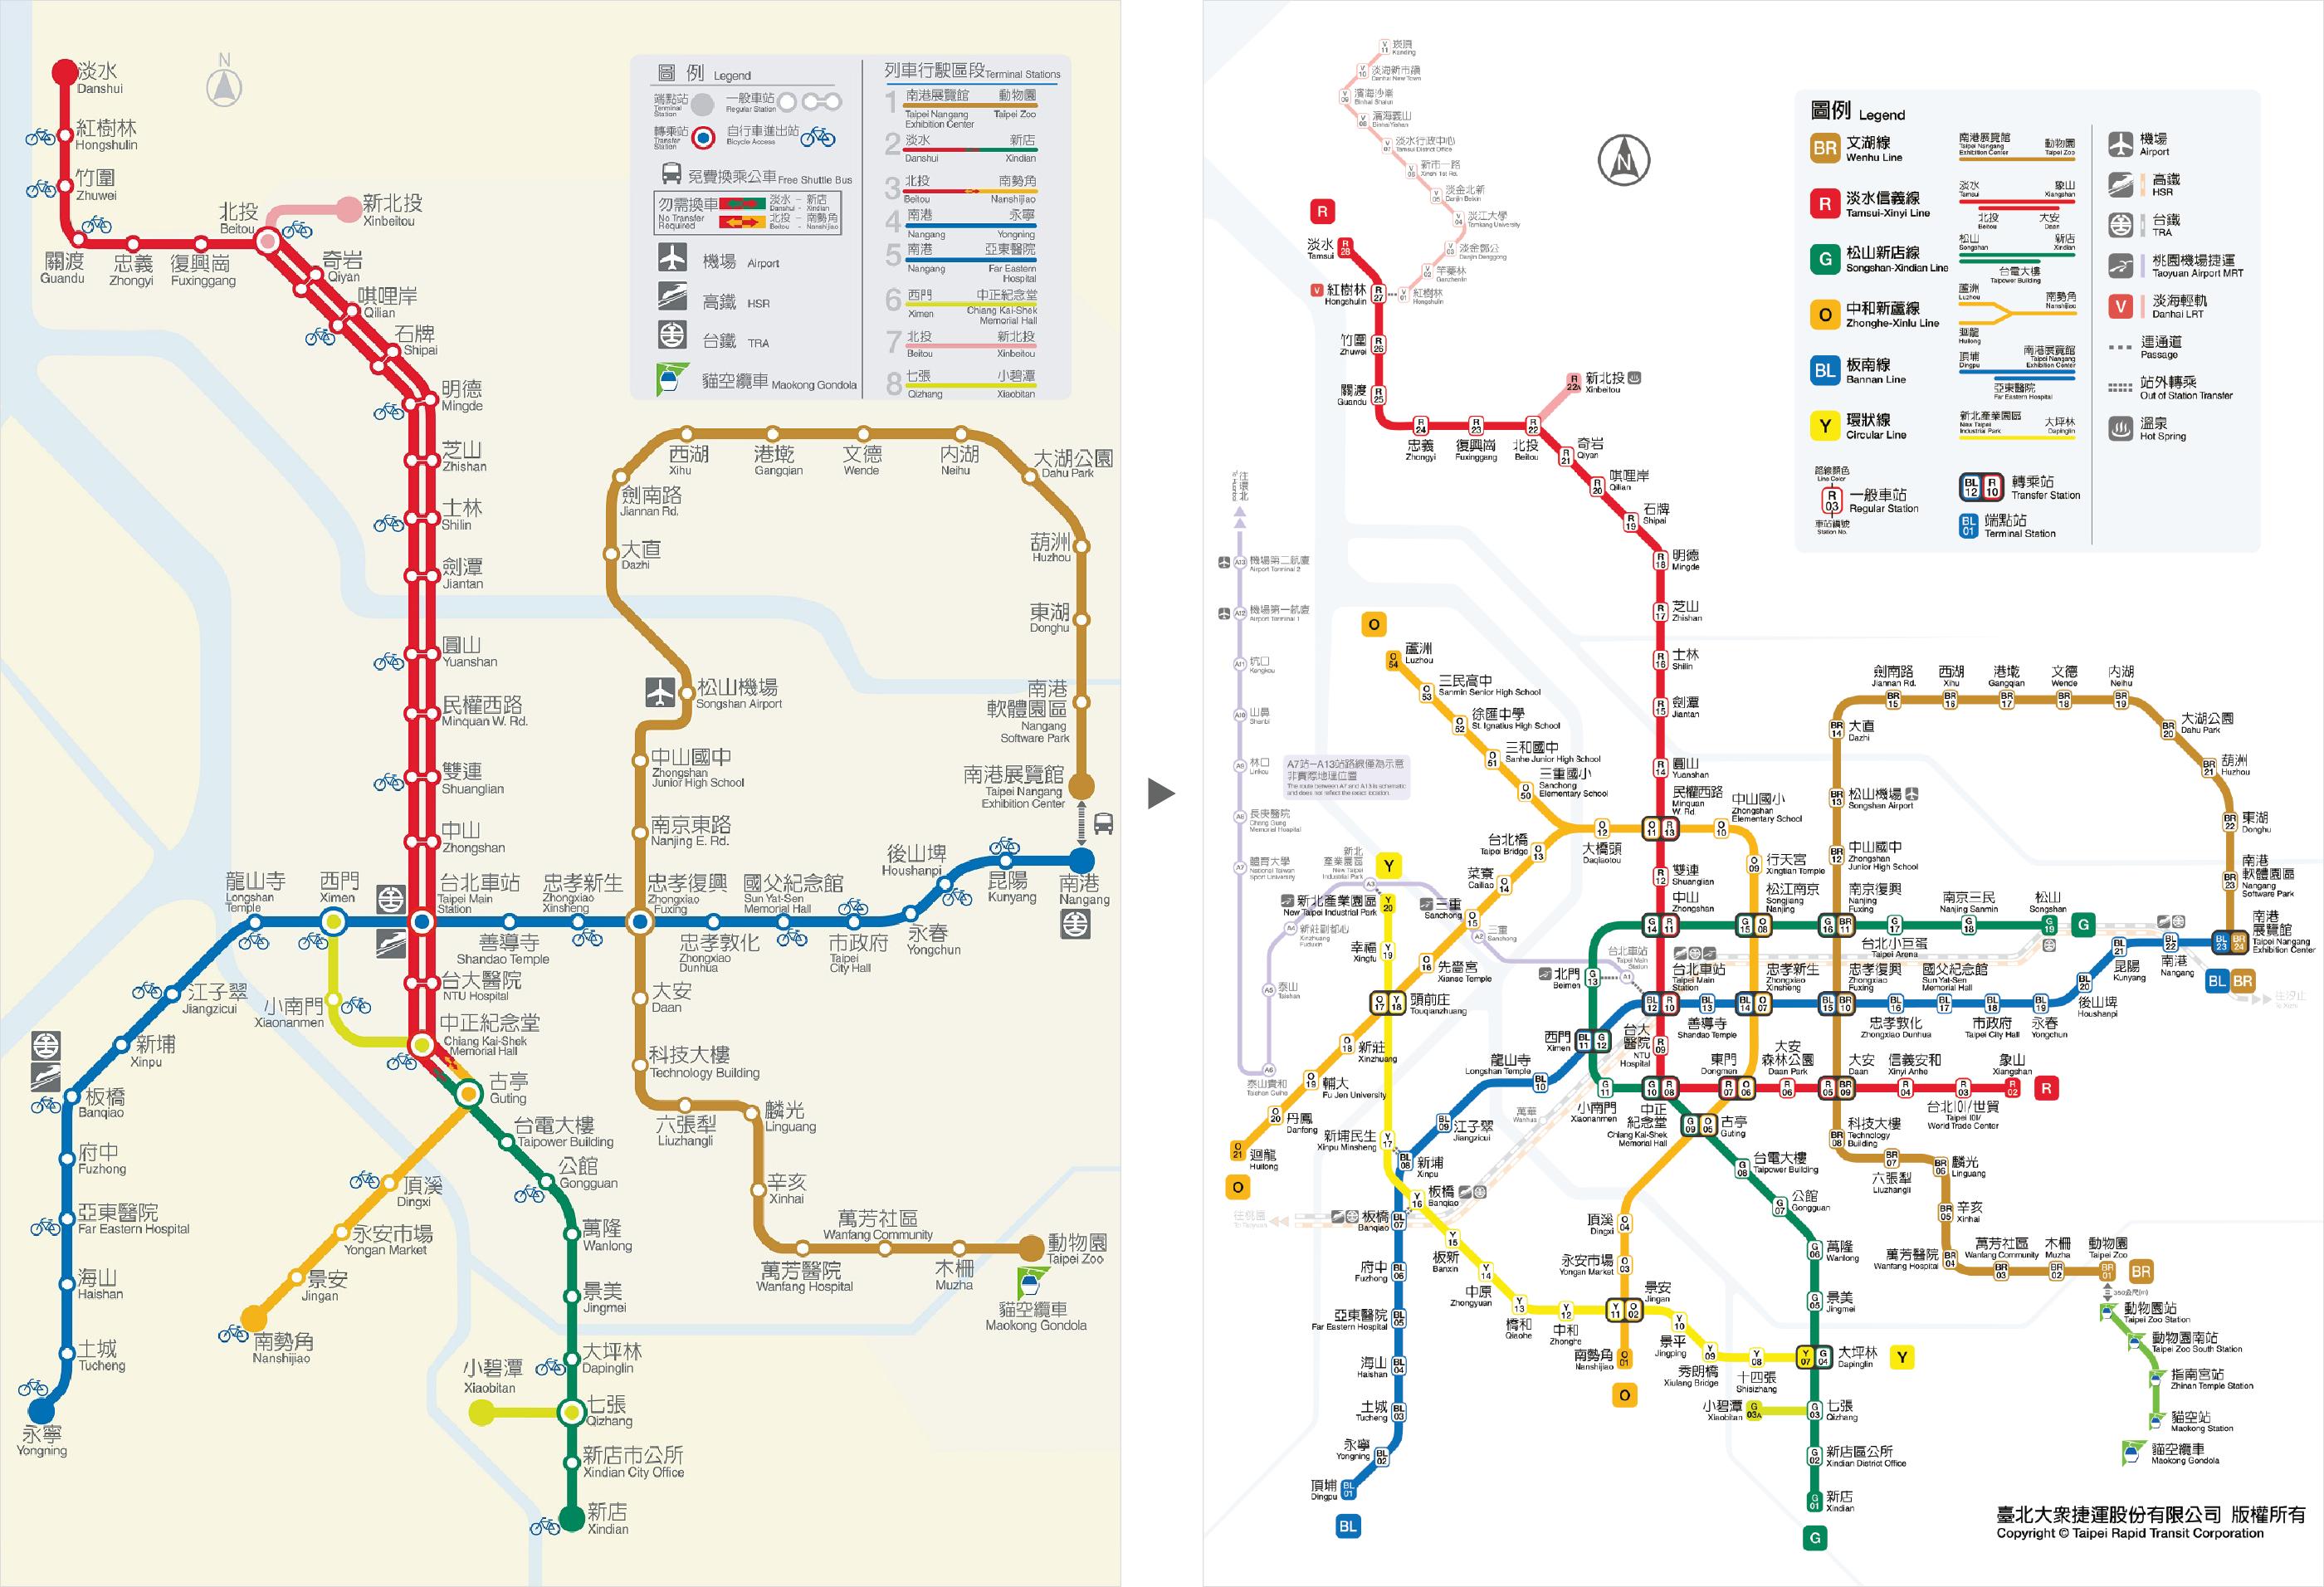 臺北捷運路線圖(2009 年 3 月版、2020 年 1 月版)